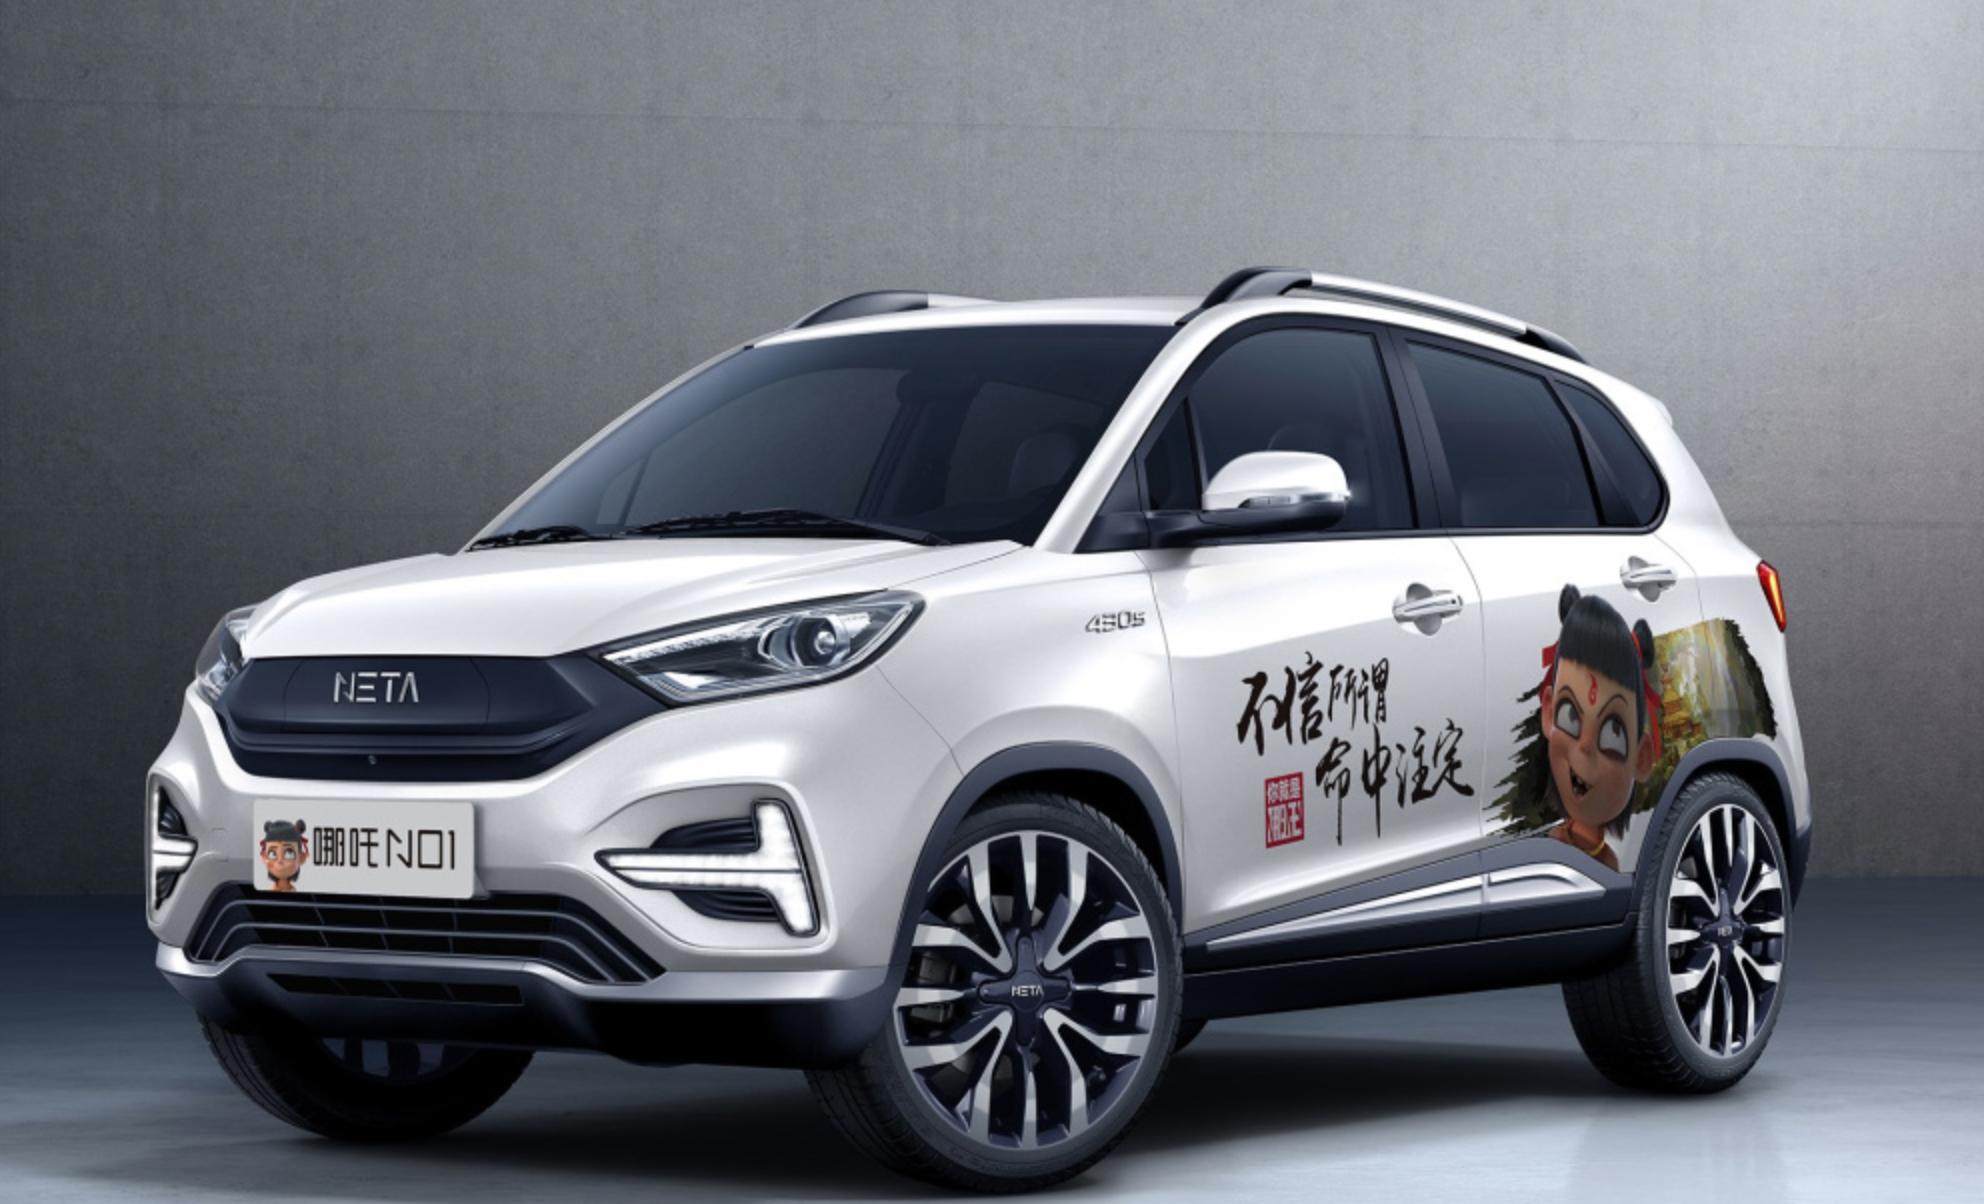 新车报价:再次梳理品牌架构 哪吒汽车更换品牌LOGO